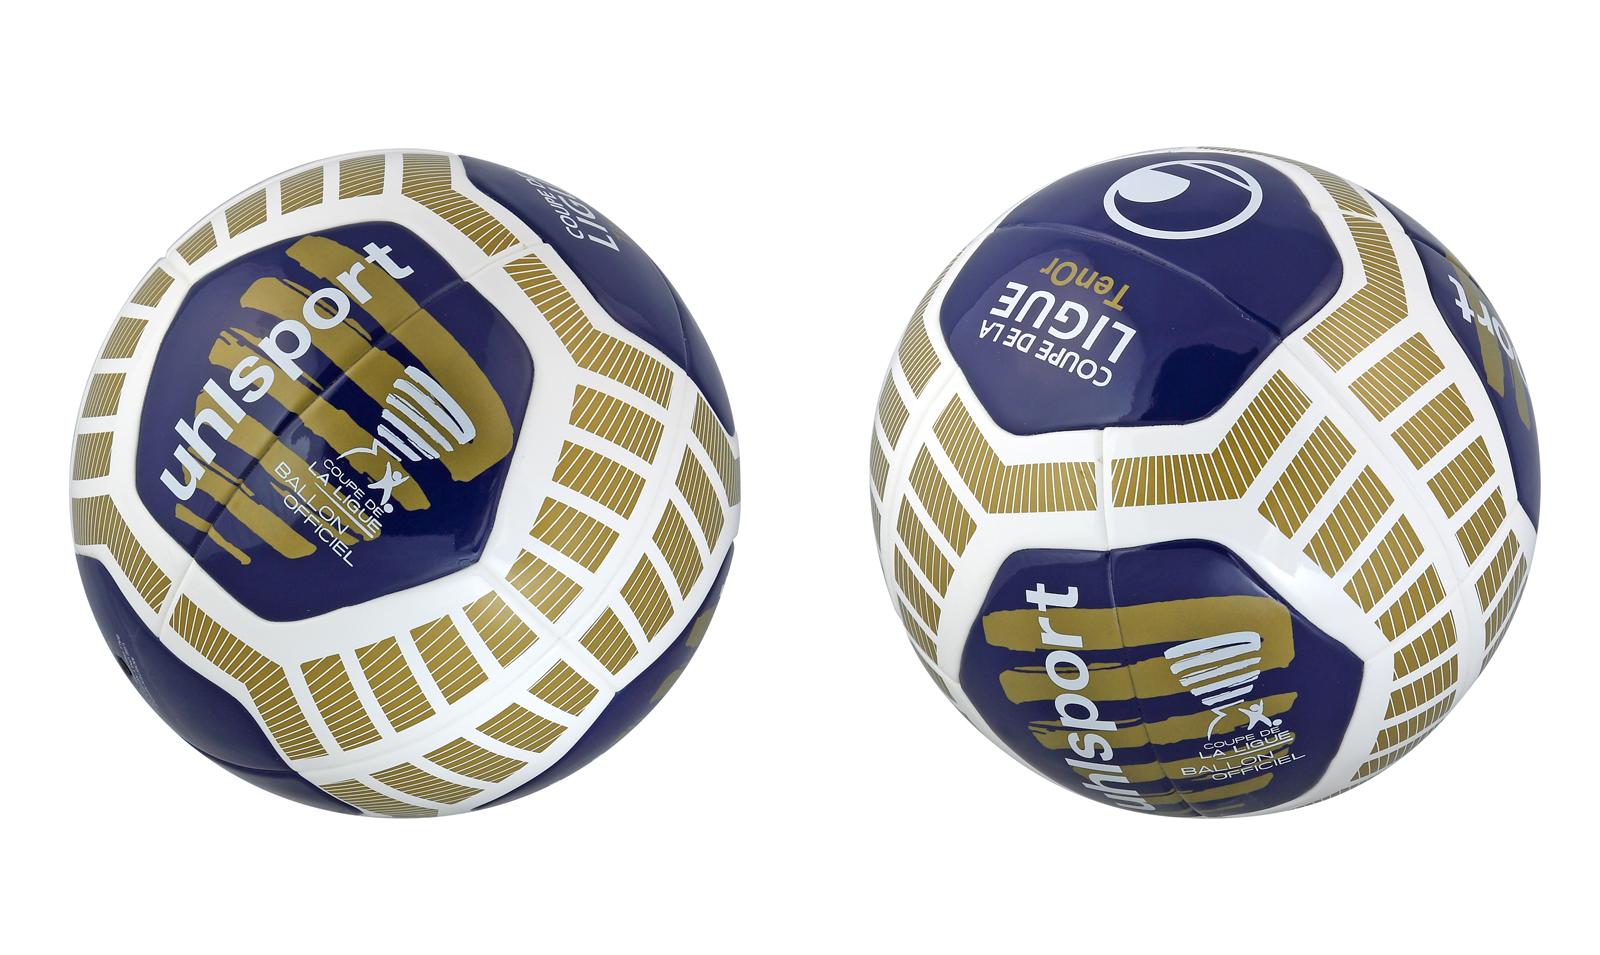 Ballon finale coupe de la ligue 2015 - Billet finale coupe de la ligue 2015 ...